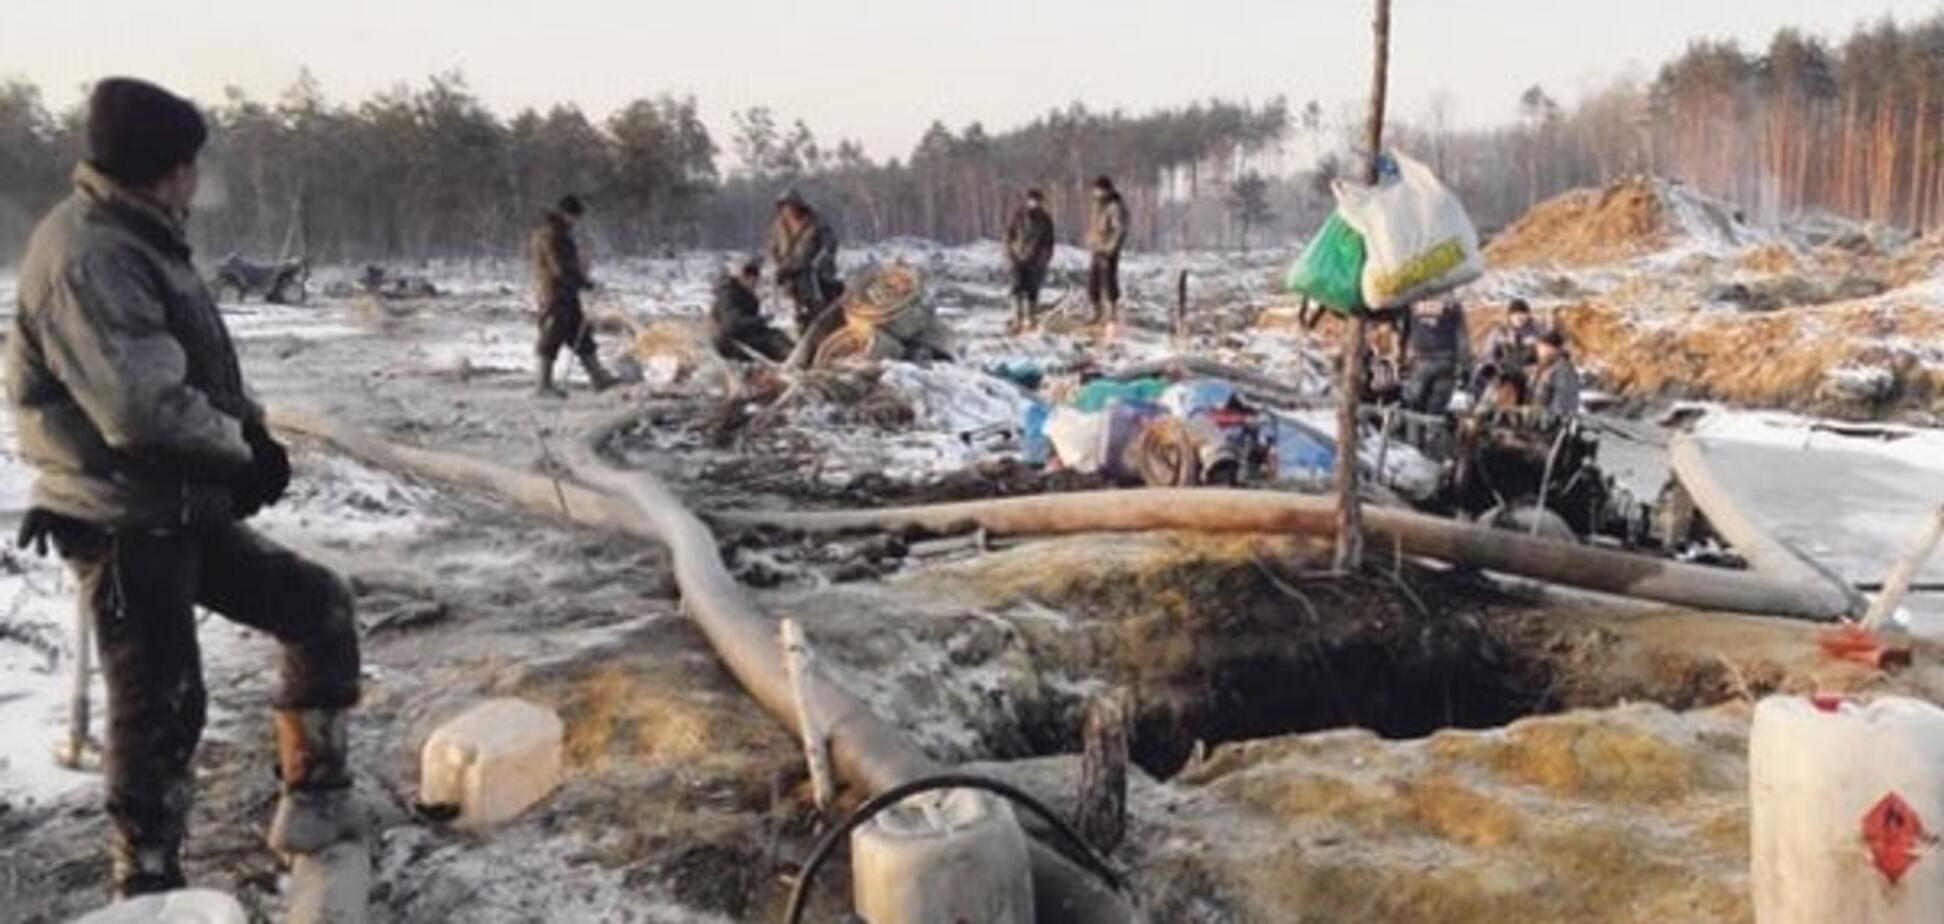 Бандитський видобуток бурштину: еколог Борейко заявив про знищення лісів та водойм